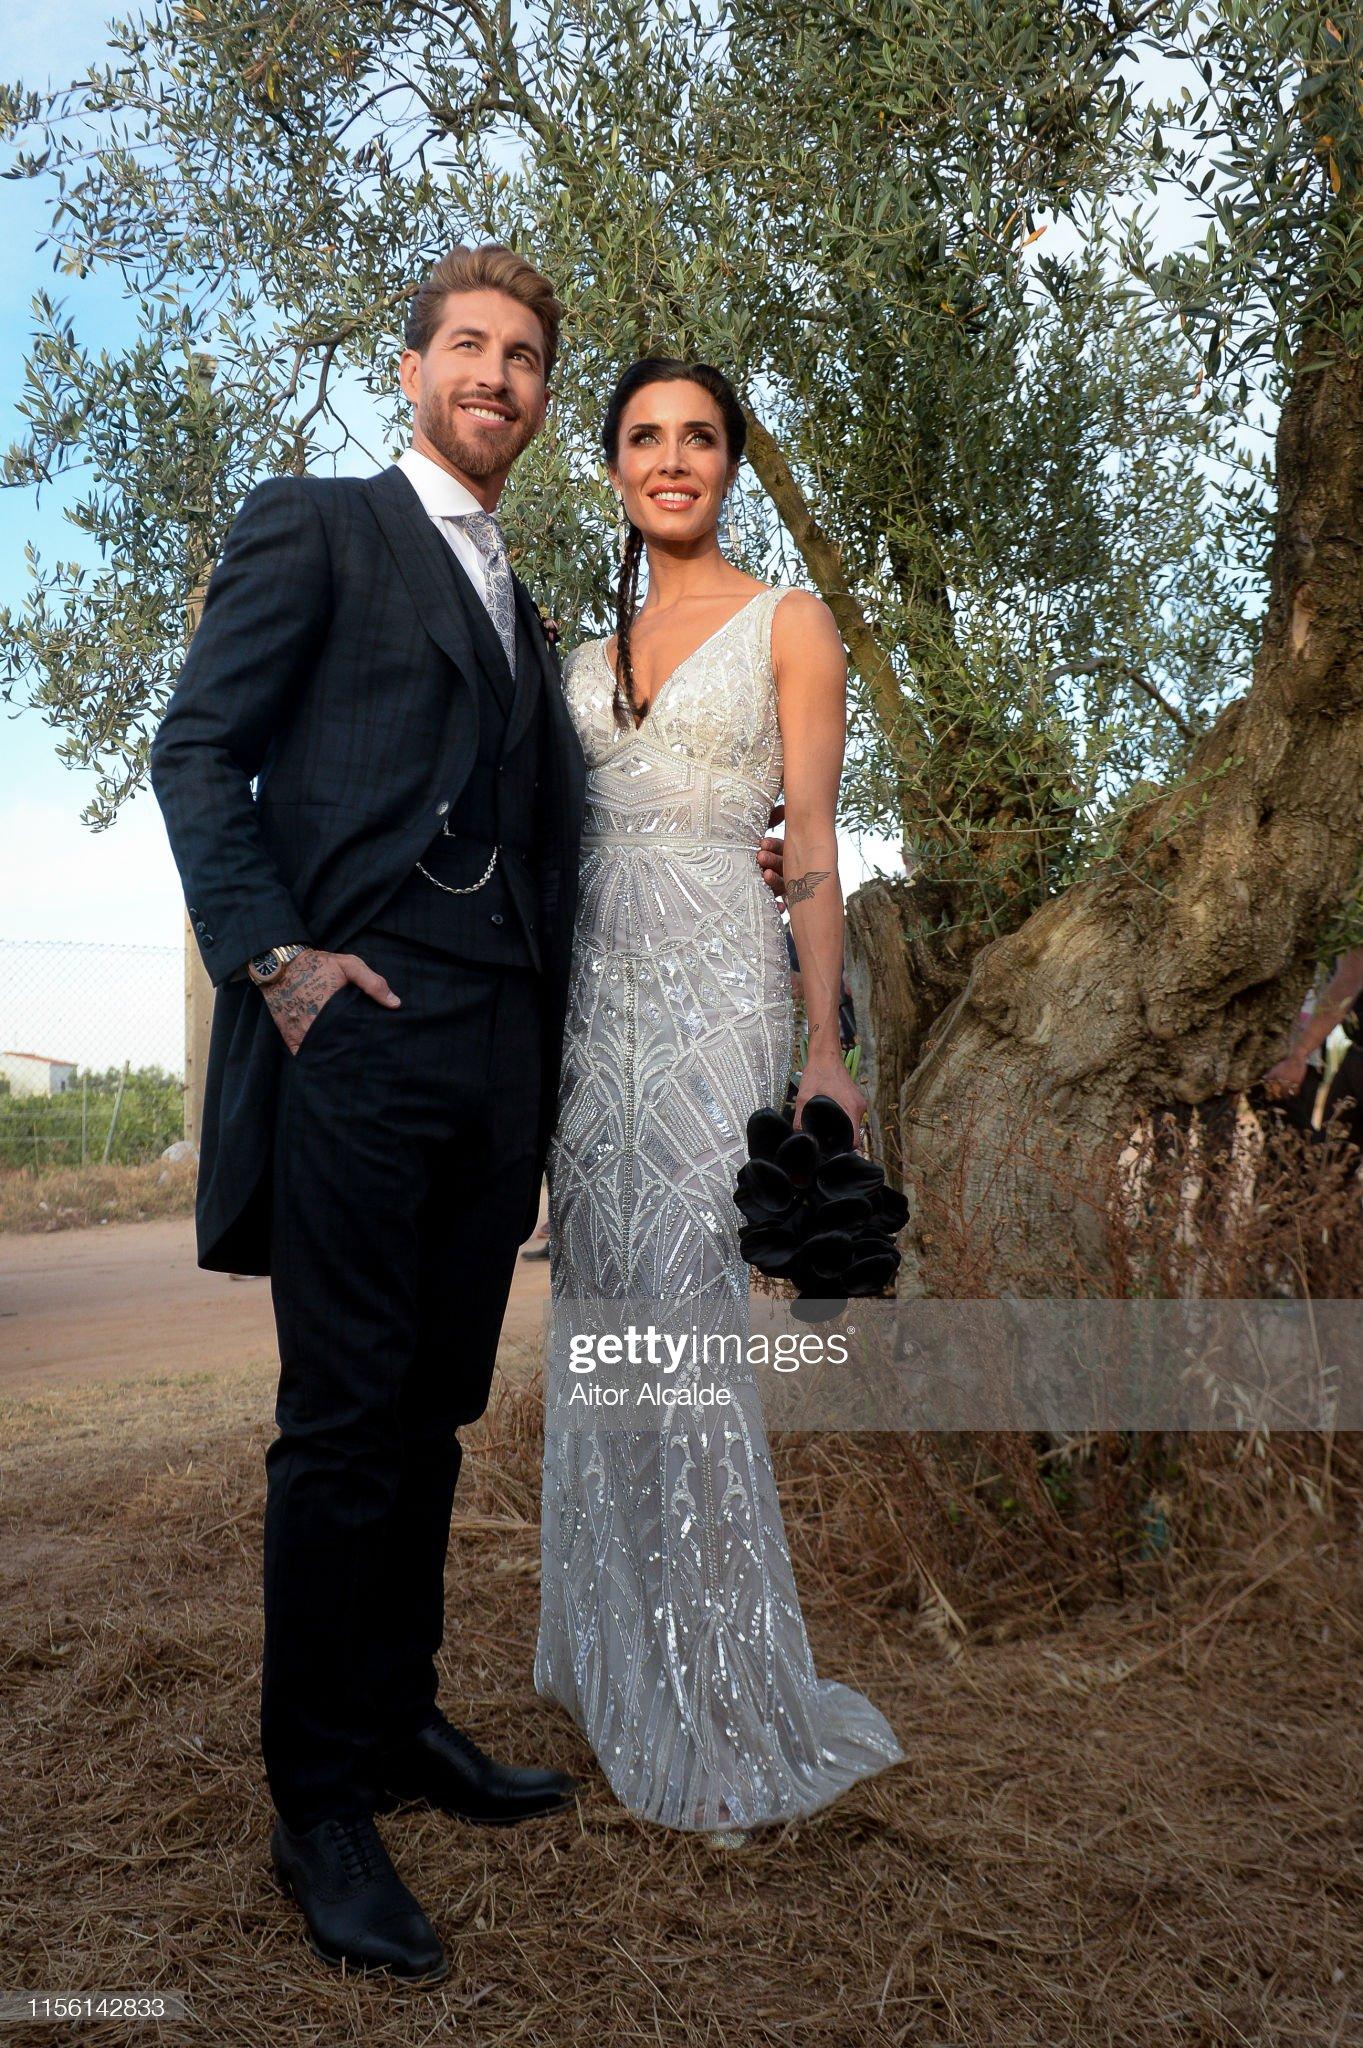 Sergio Ramos And Pilar Rubio Wedding In Seville : Foto di attualità